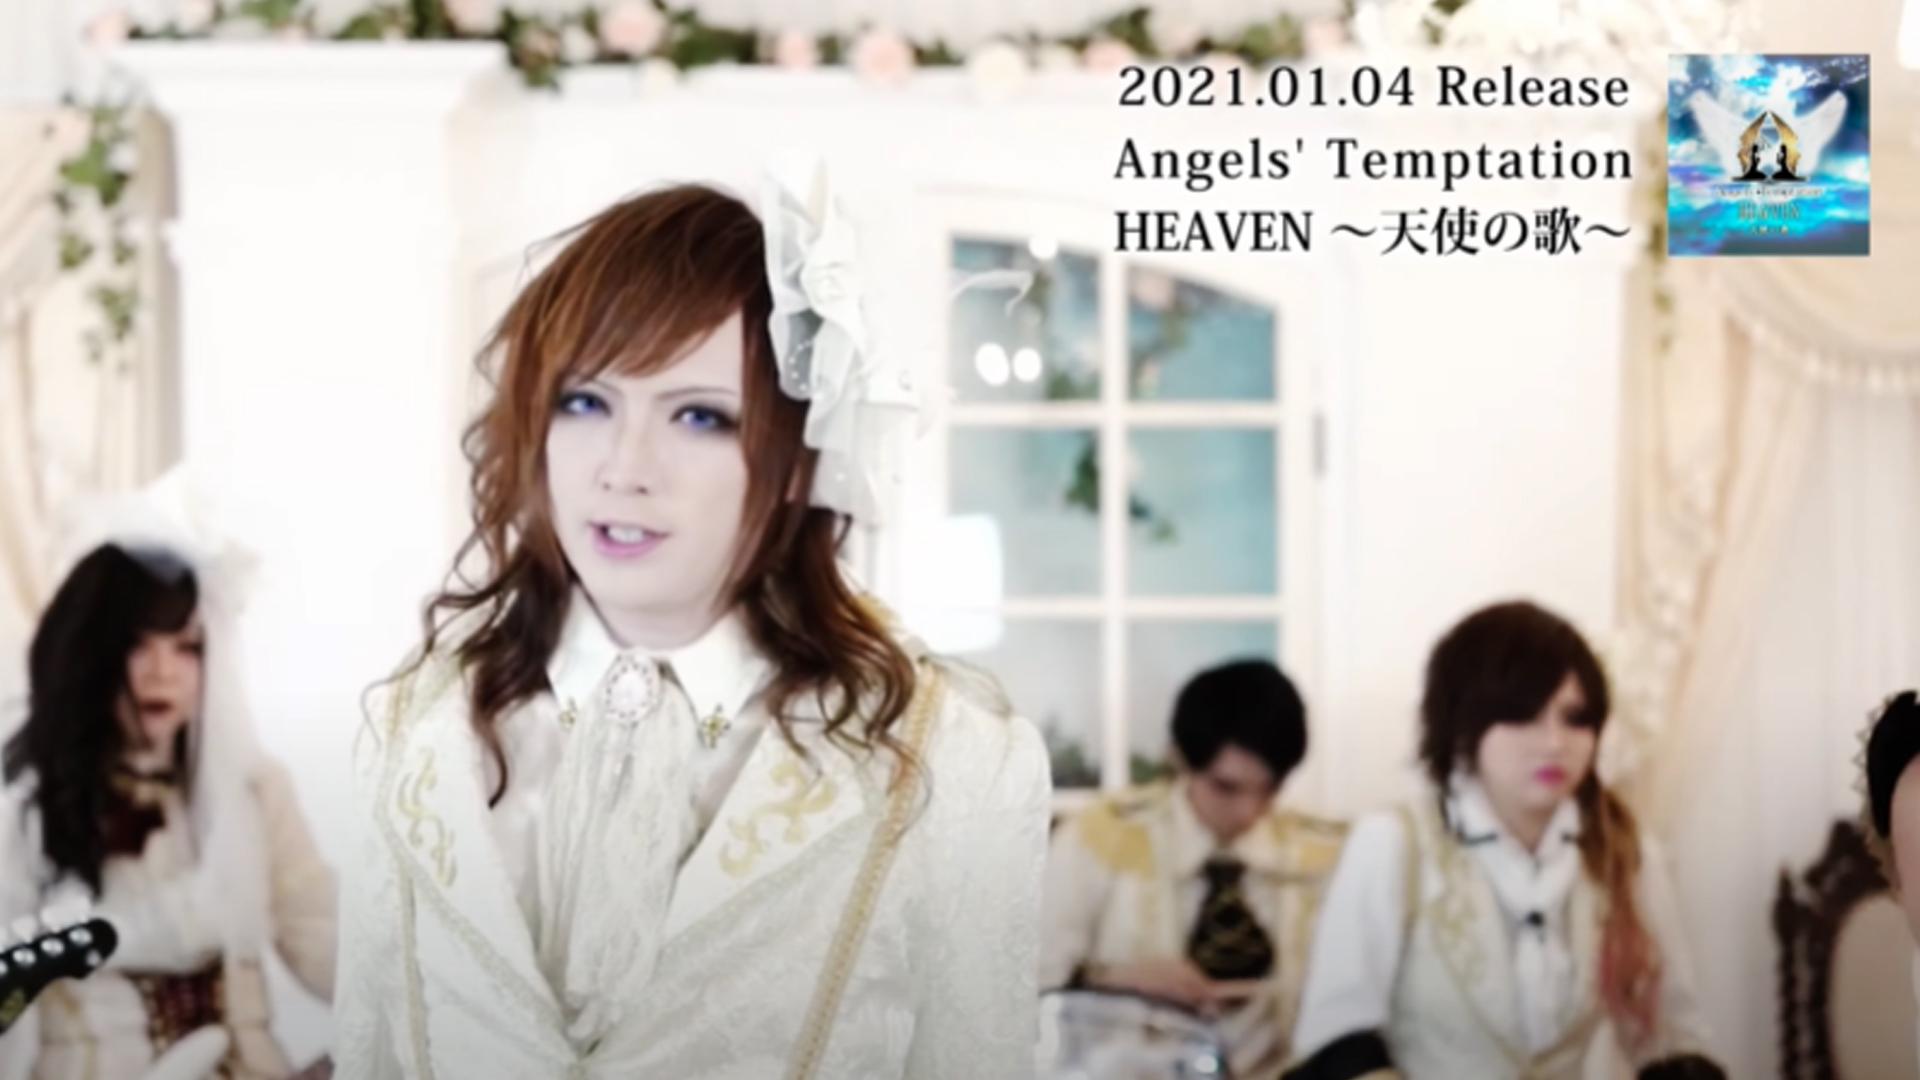 Angels' Temptation『HEAVEN~天使の歌~』MV Short Ver.を本日公開!